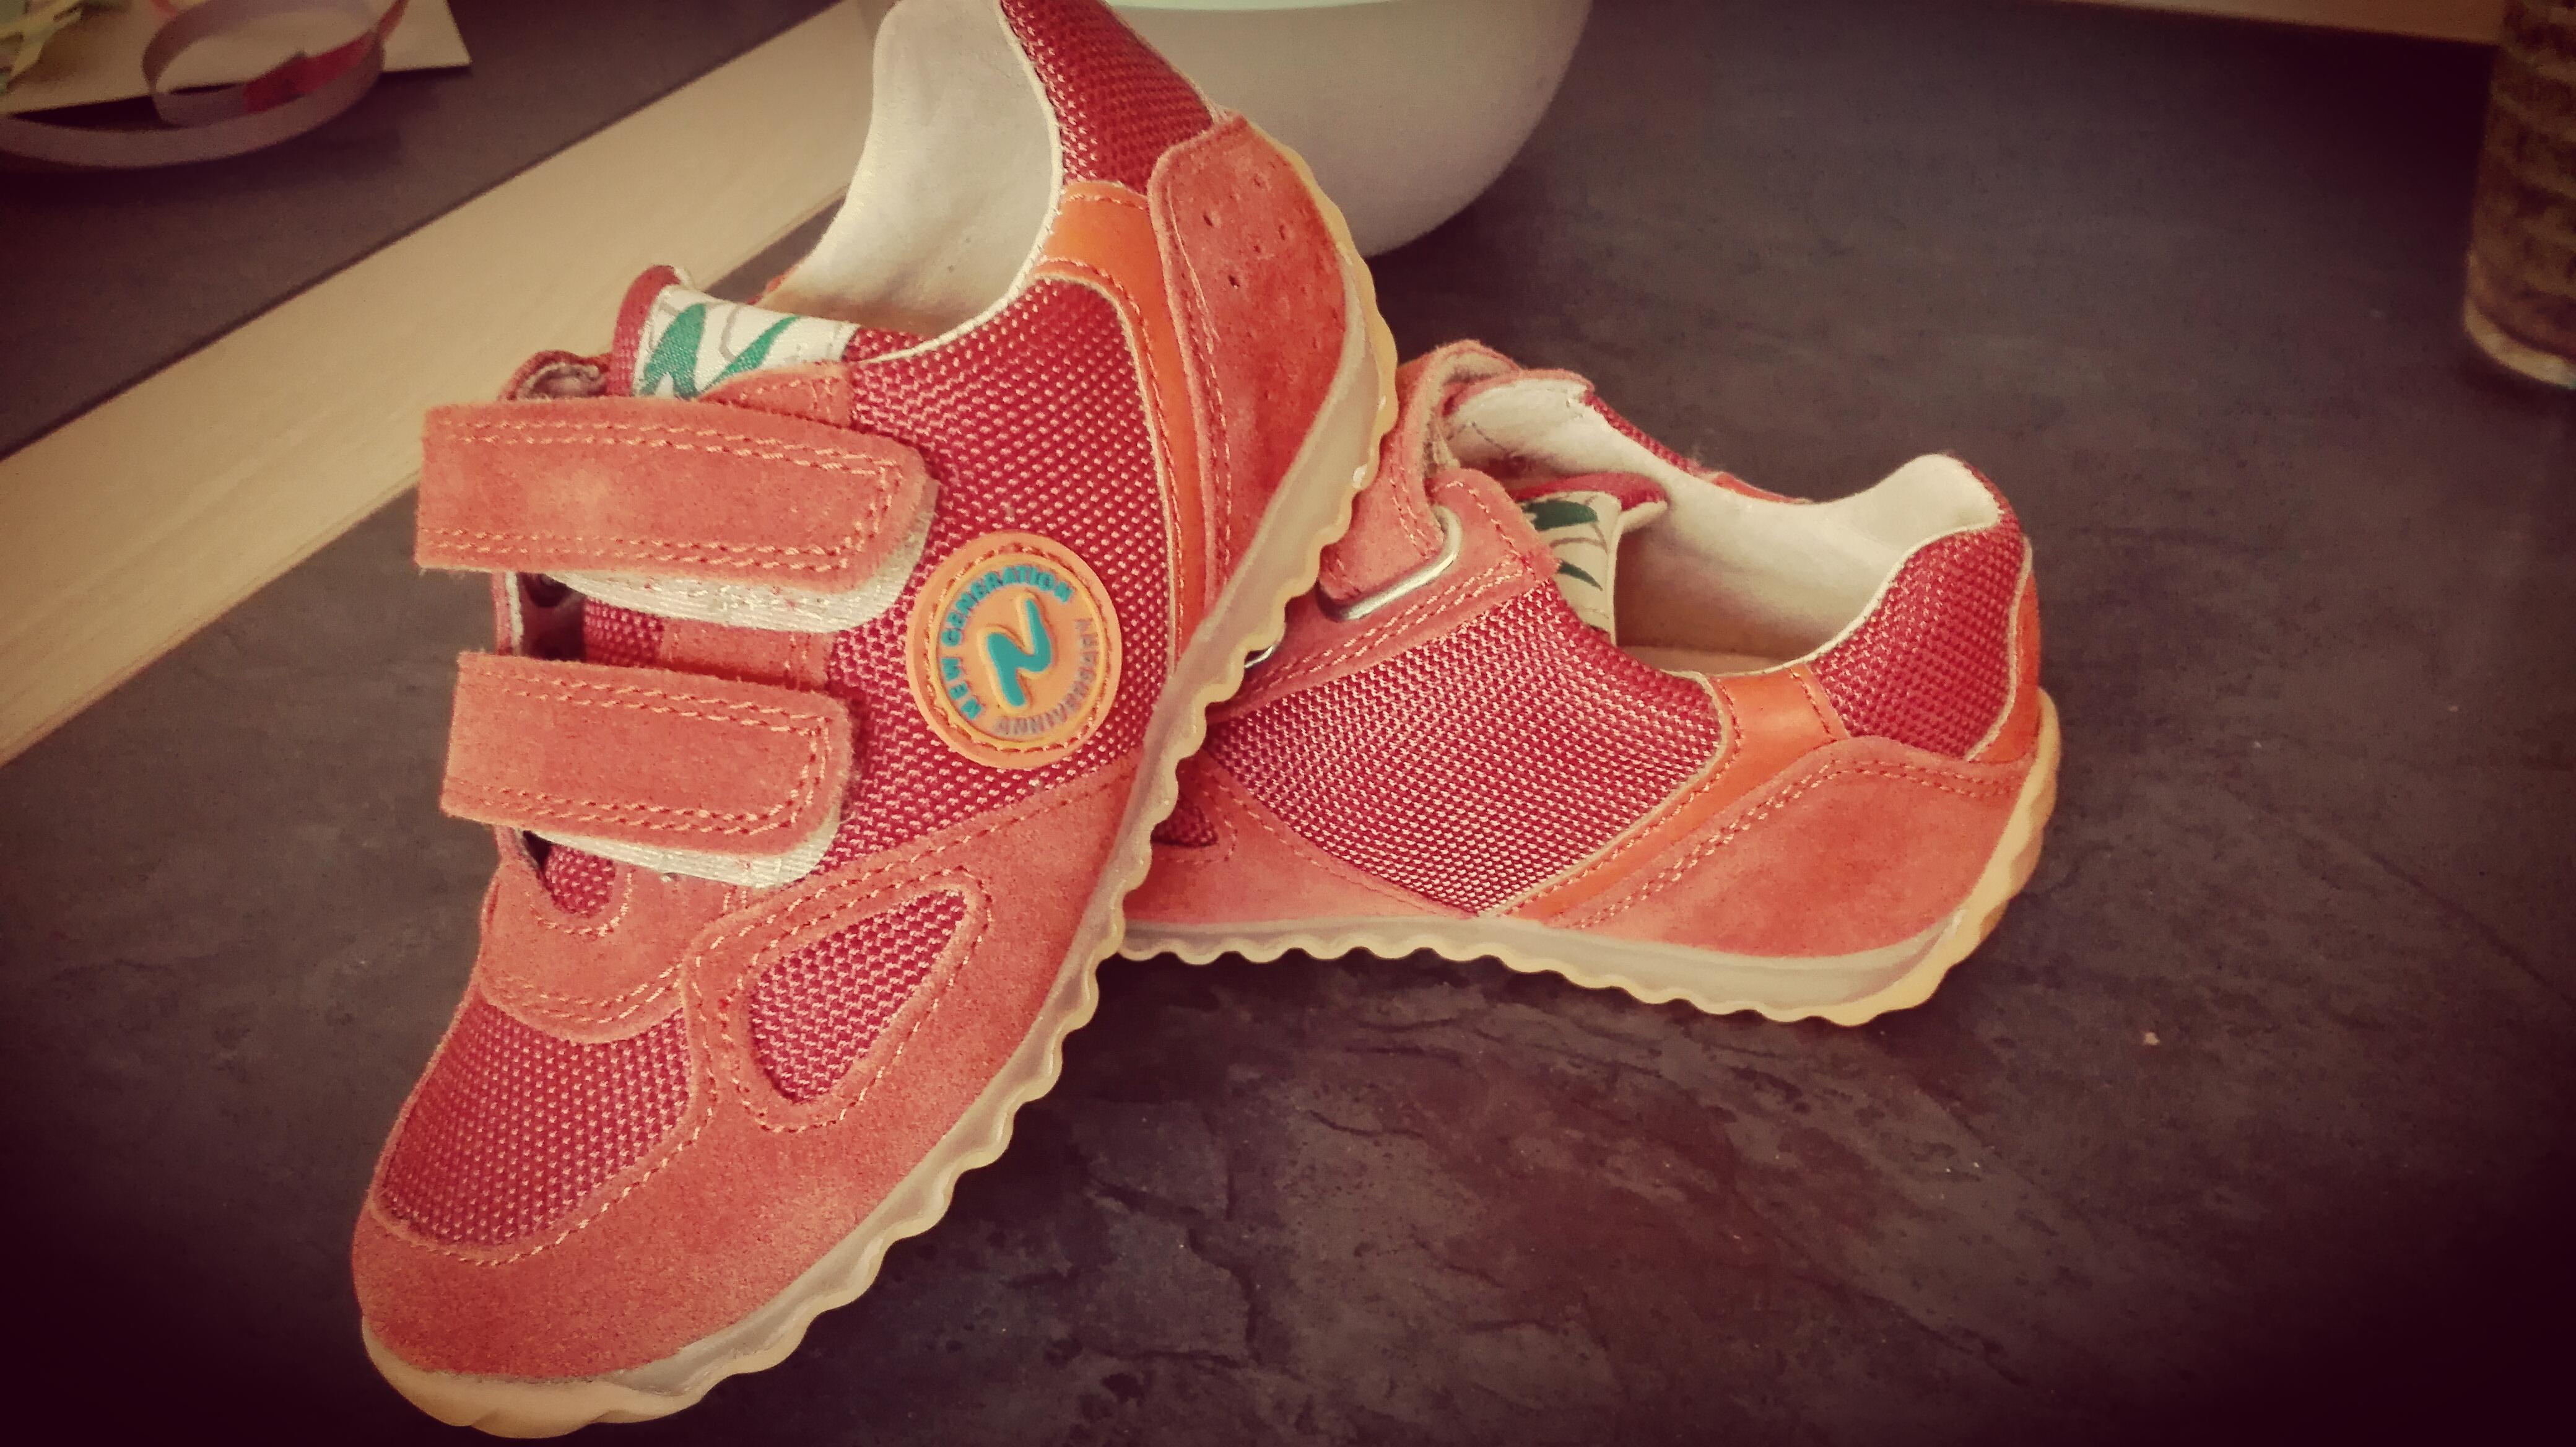 naturino - kinderschoenen - kleurrijk - kleuter - peuter - lekker inlopen - nanny annelon - review - leer- goed voetenbed - stevig - klittenband3